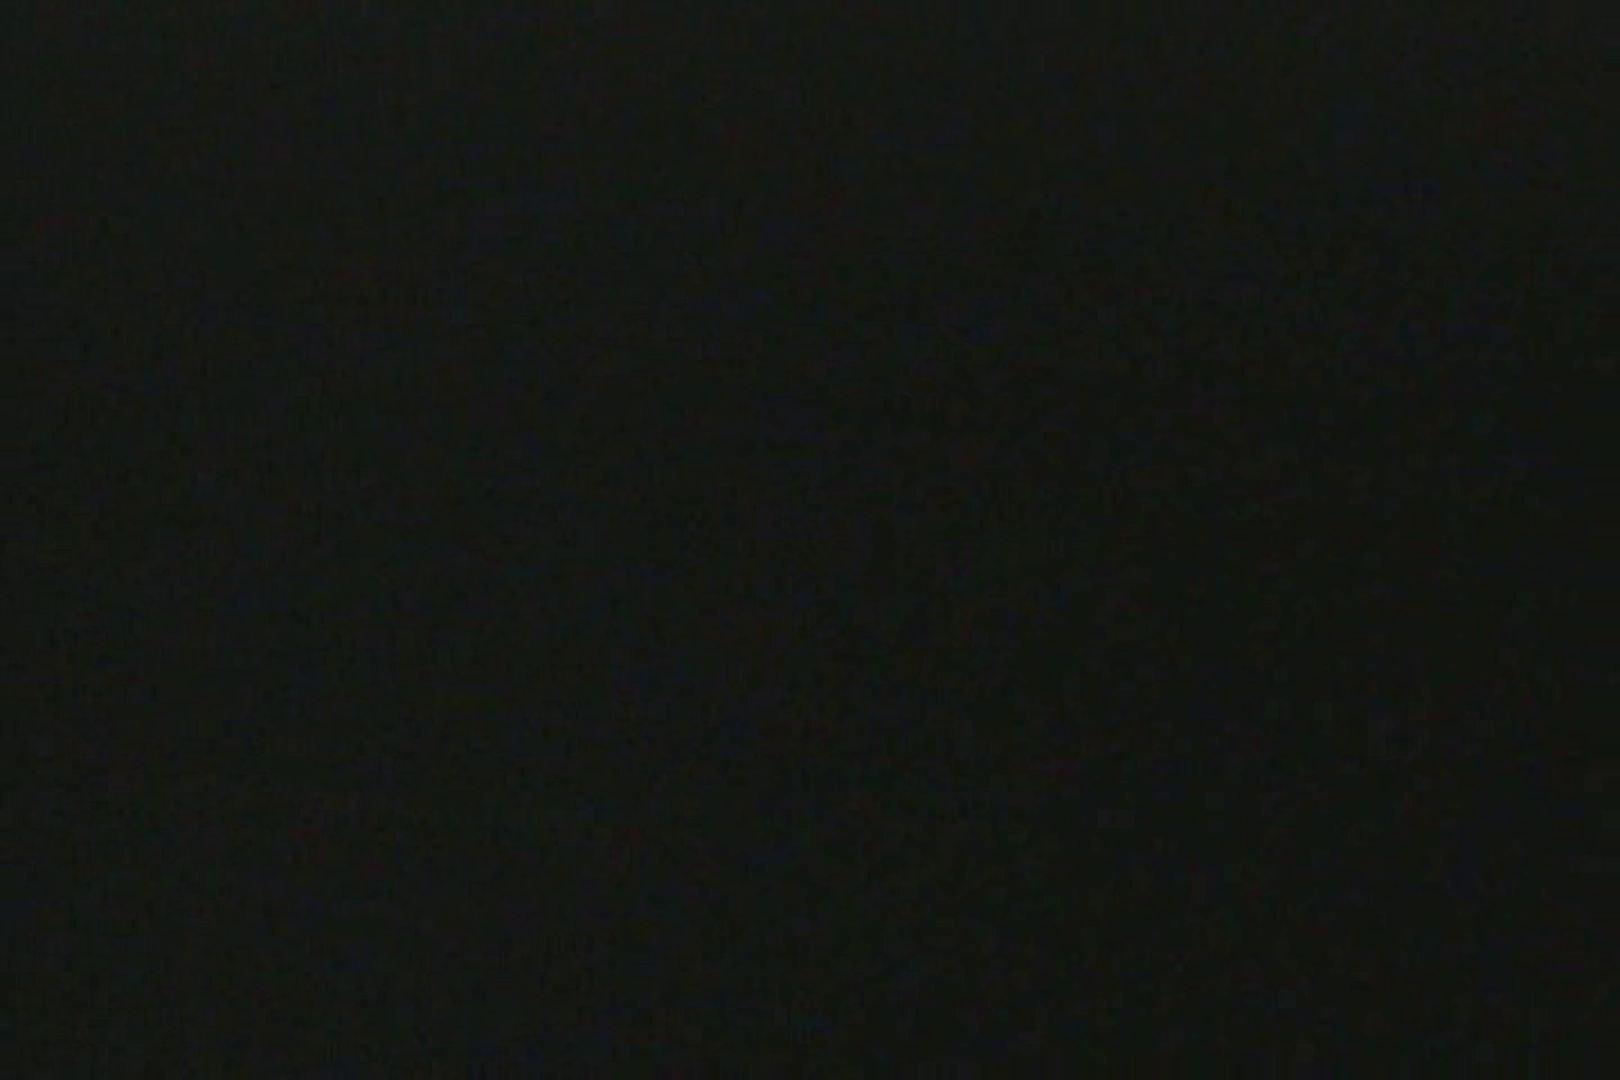 彼氏あり20歳春菜Vol.3 OLの実態 | バイブ  65pic 7